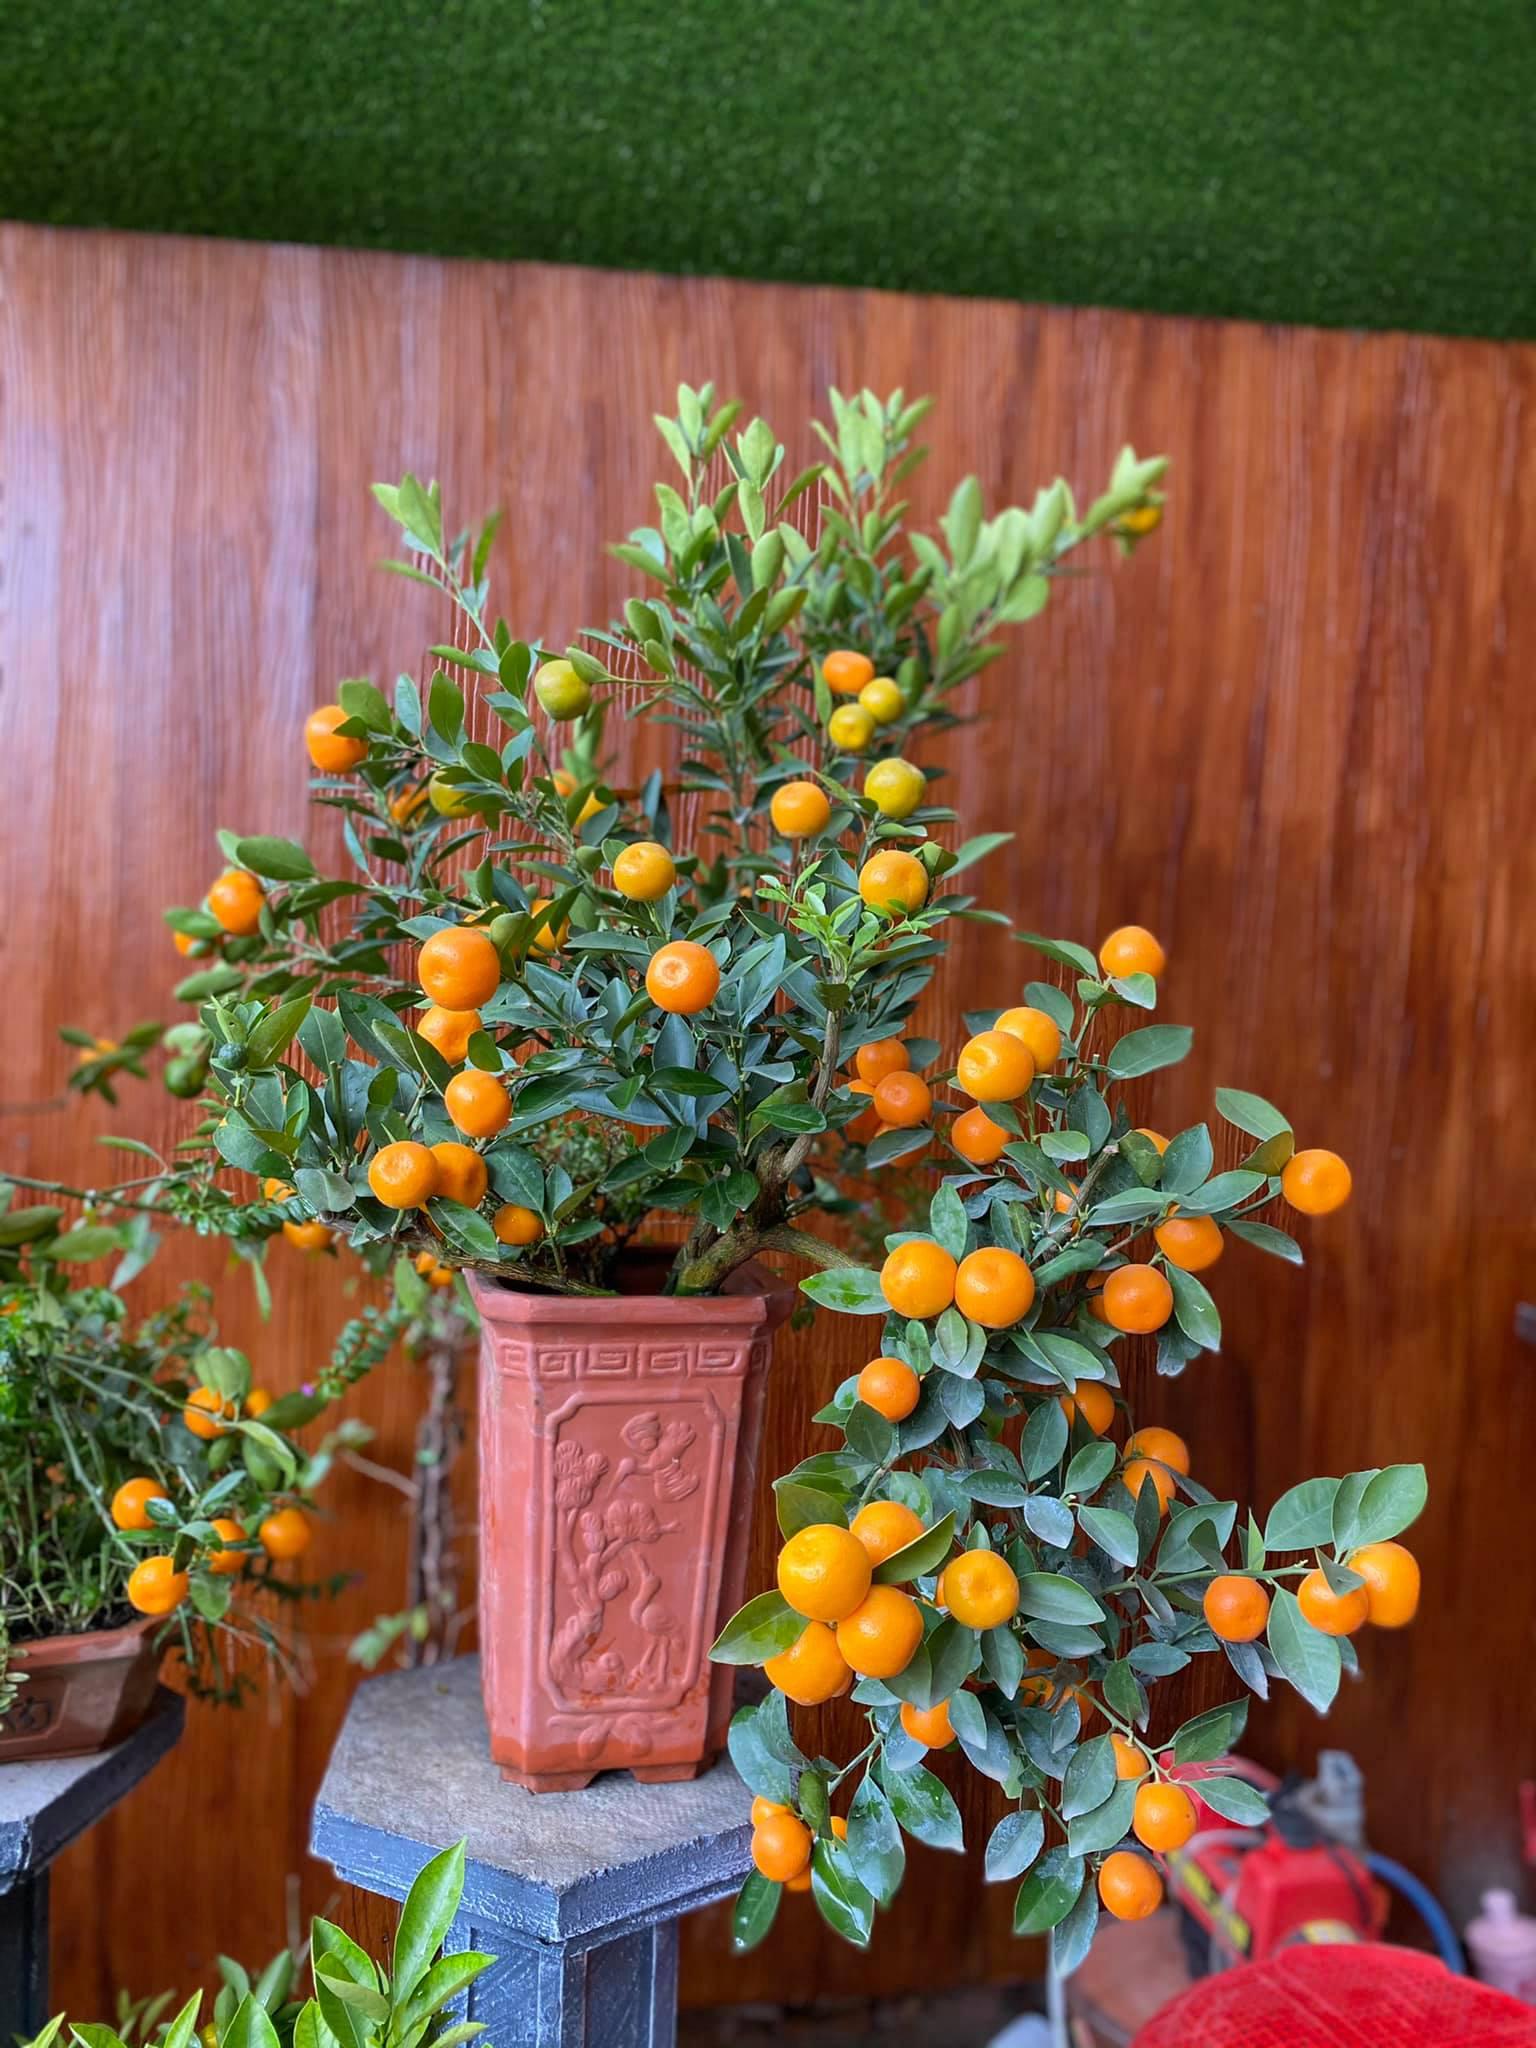 Tết Tân Sửu: Quất bonsai mini, vừa túi tiền dễ bán, dễ mua, dễ trưng bày đắt khách như tôm tươi - Ảnh 8.